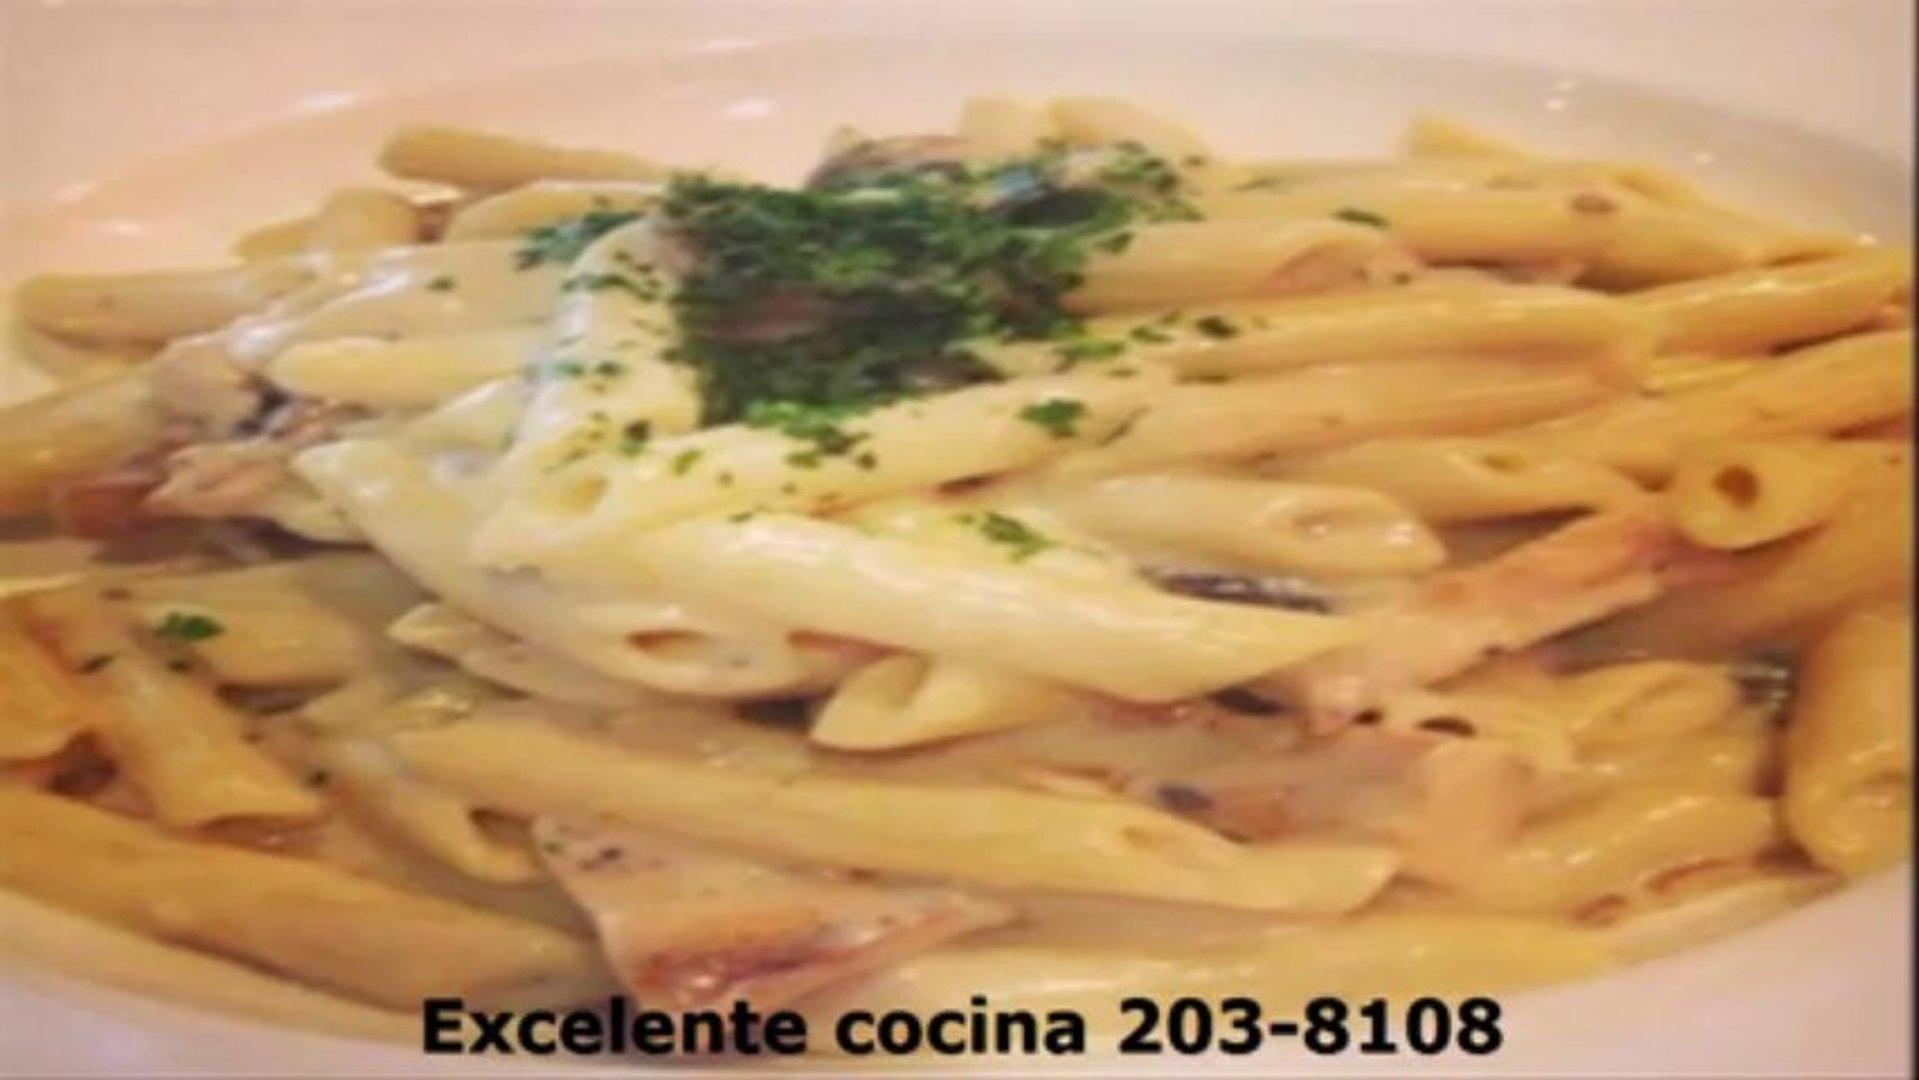 Cocina gourmet Call 2038108 Cocina gourmet